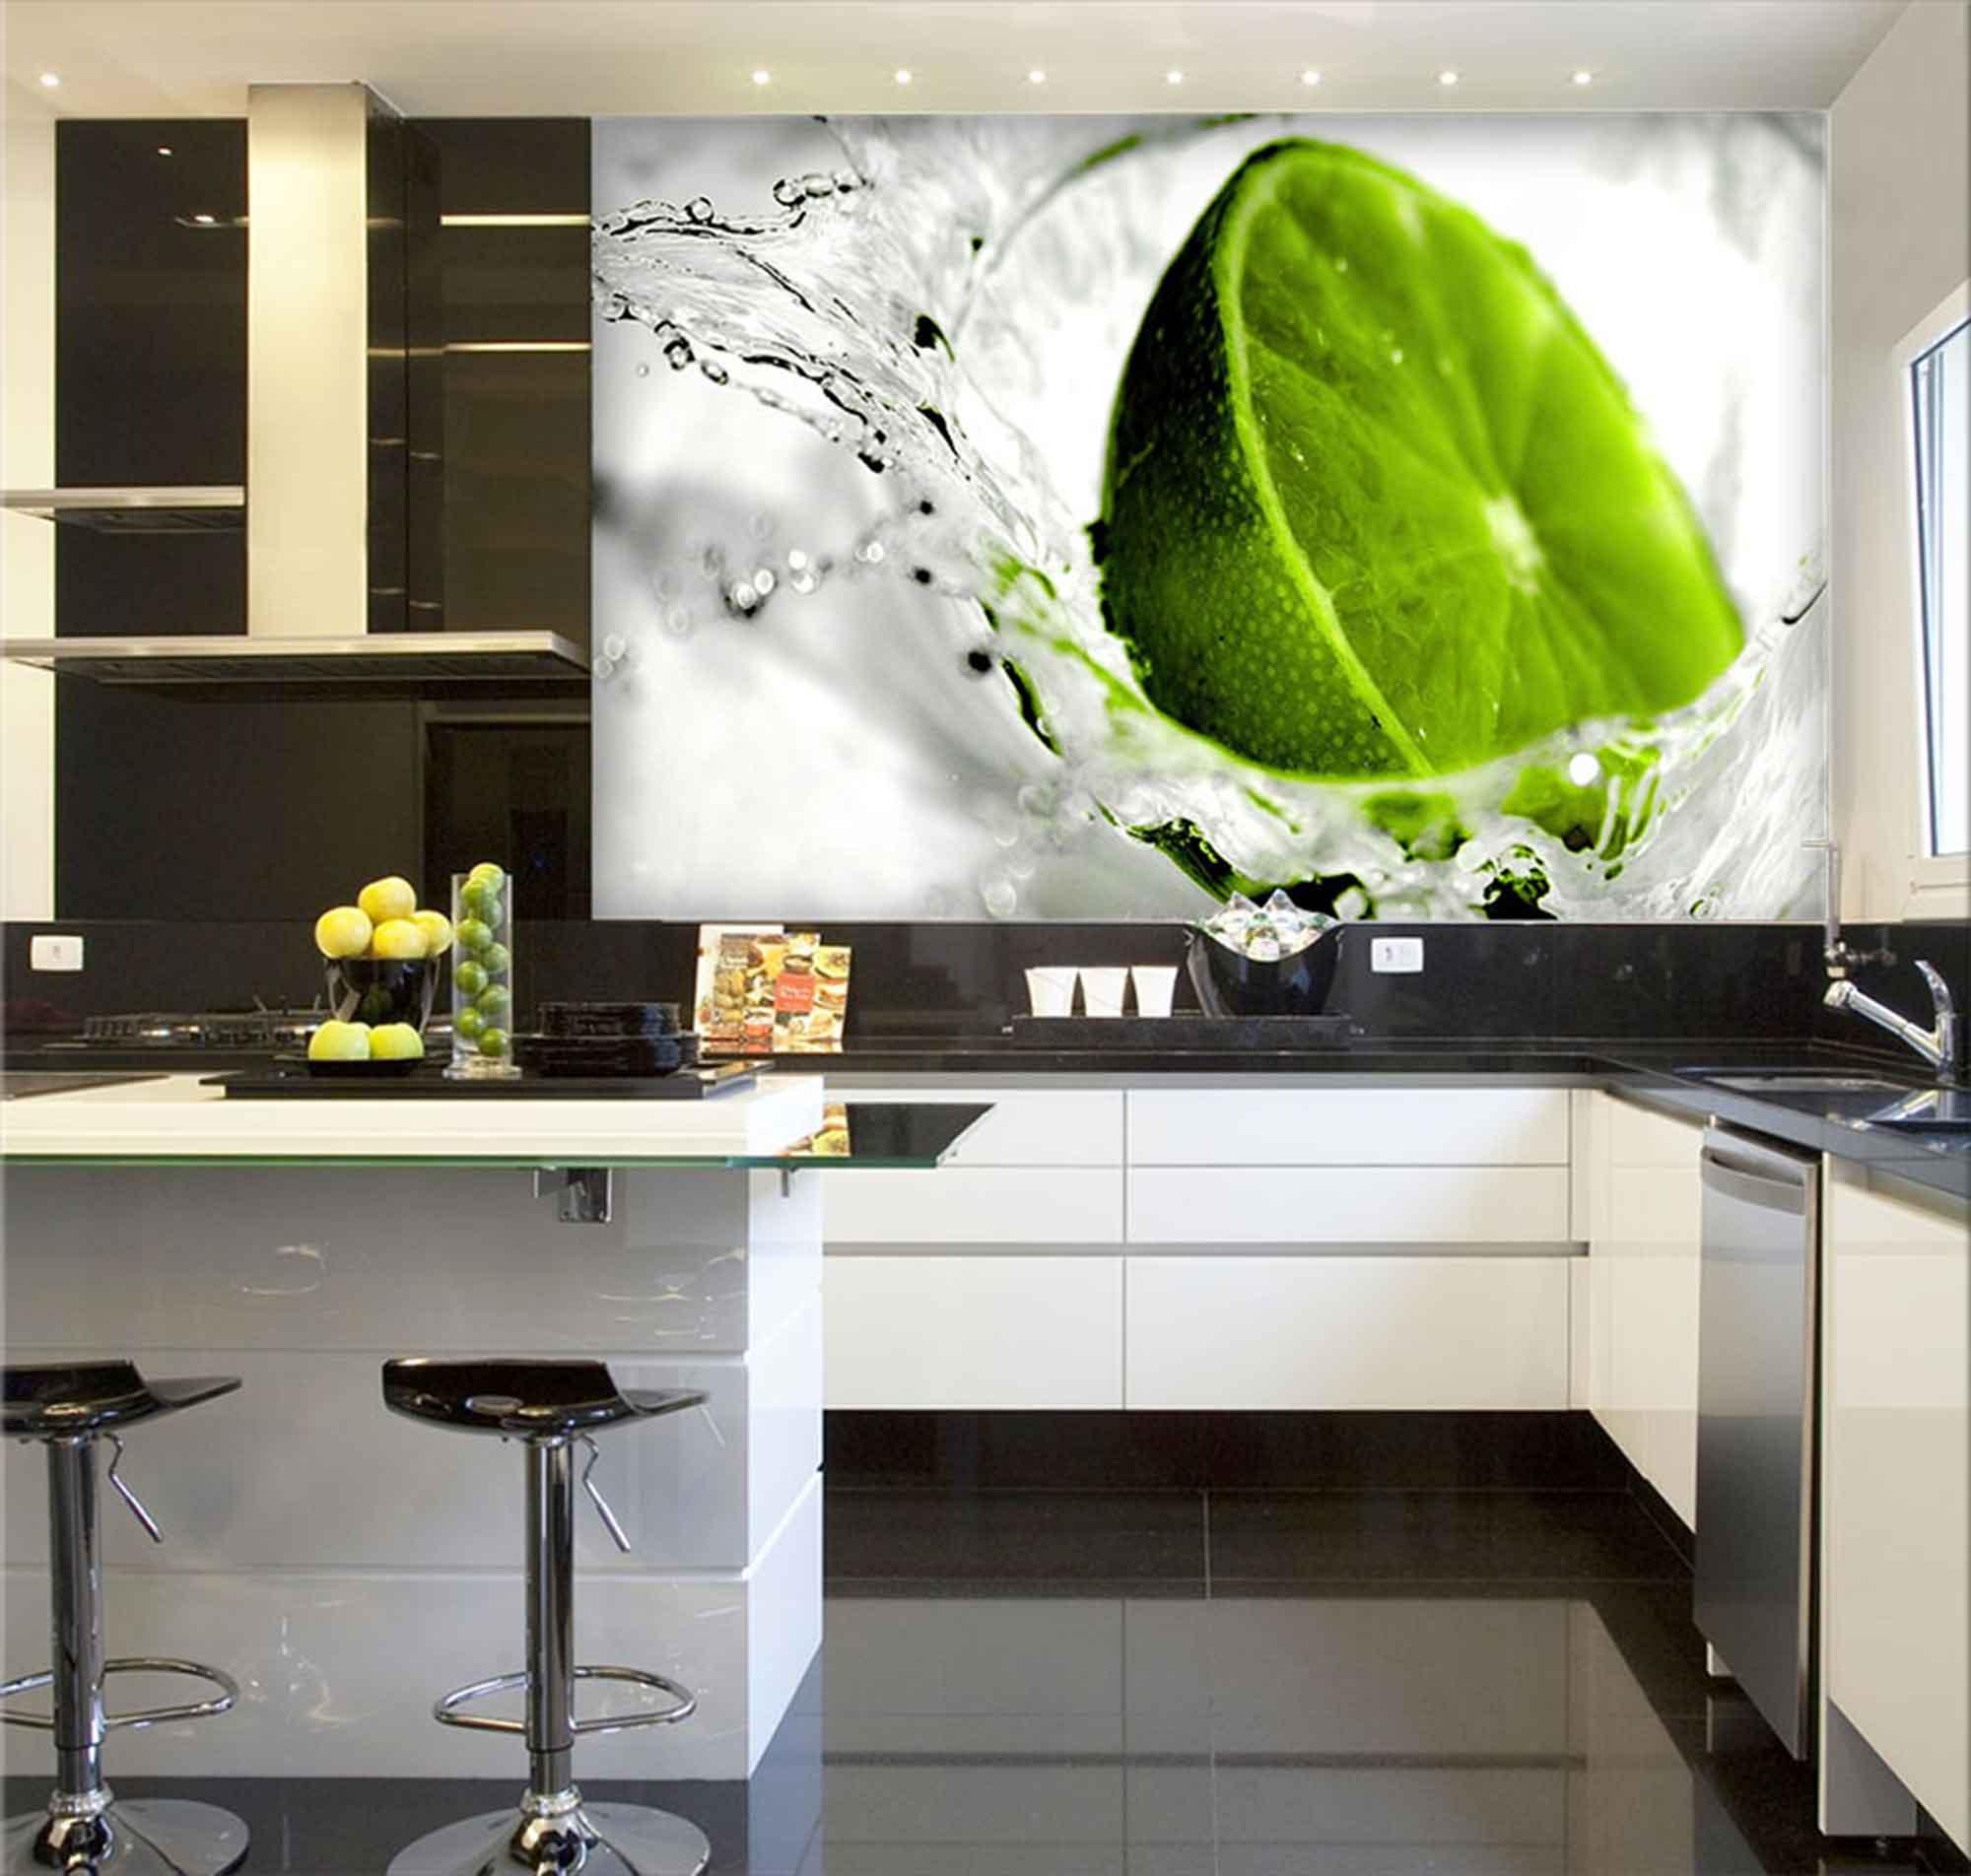 Papel De Parede Para Cozinha 0014 - Sobmedida: m²   - Paredes Decoradas